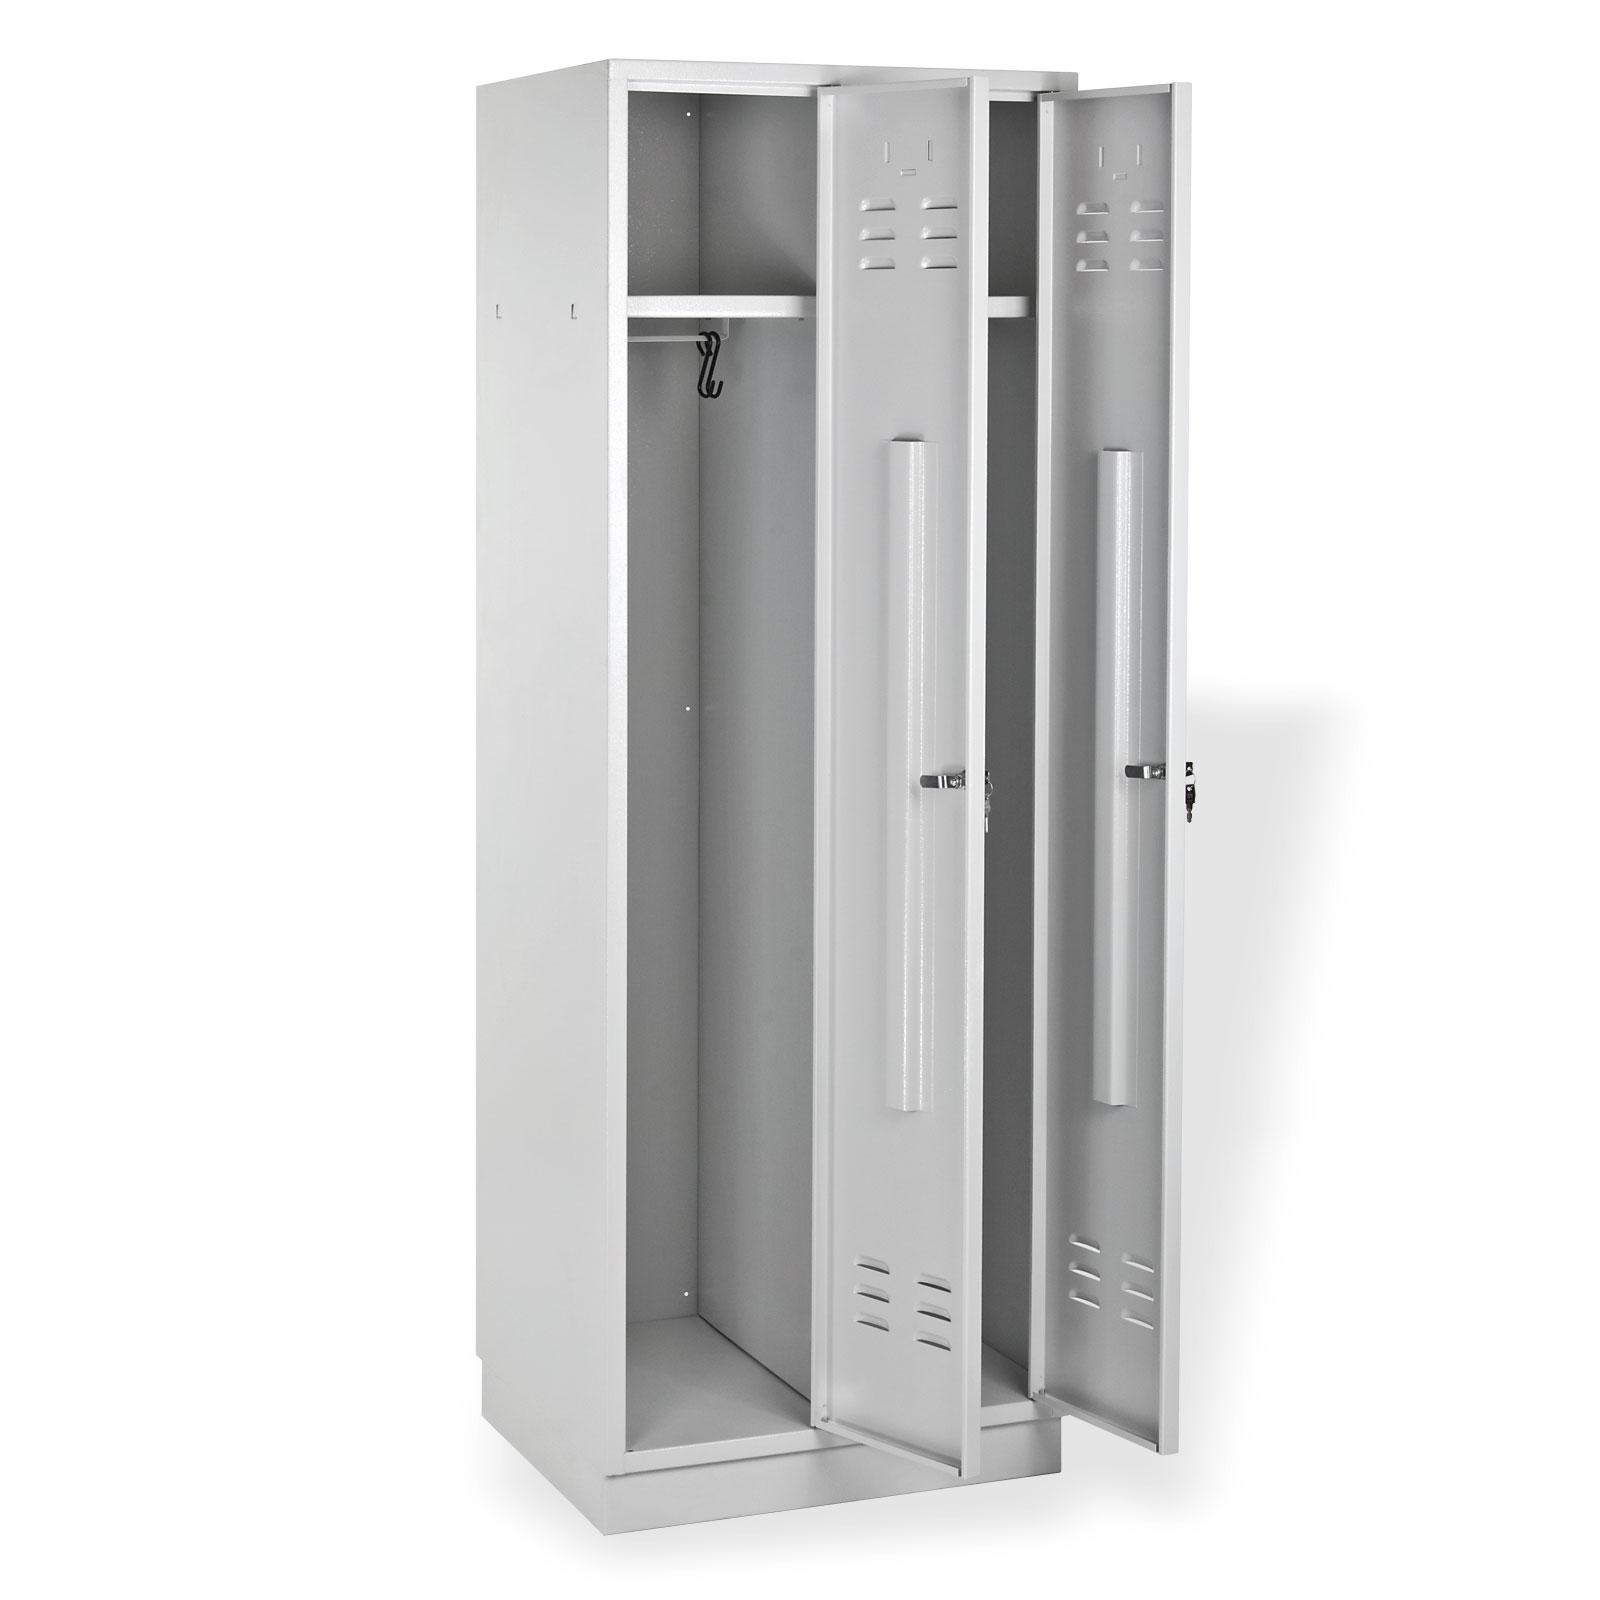 2x spind spint garderobenschrank kleiderschrank metall 2 t rig neu 913873 ebay. Black Bedroom Furniture Sets. Home Design Ideas